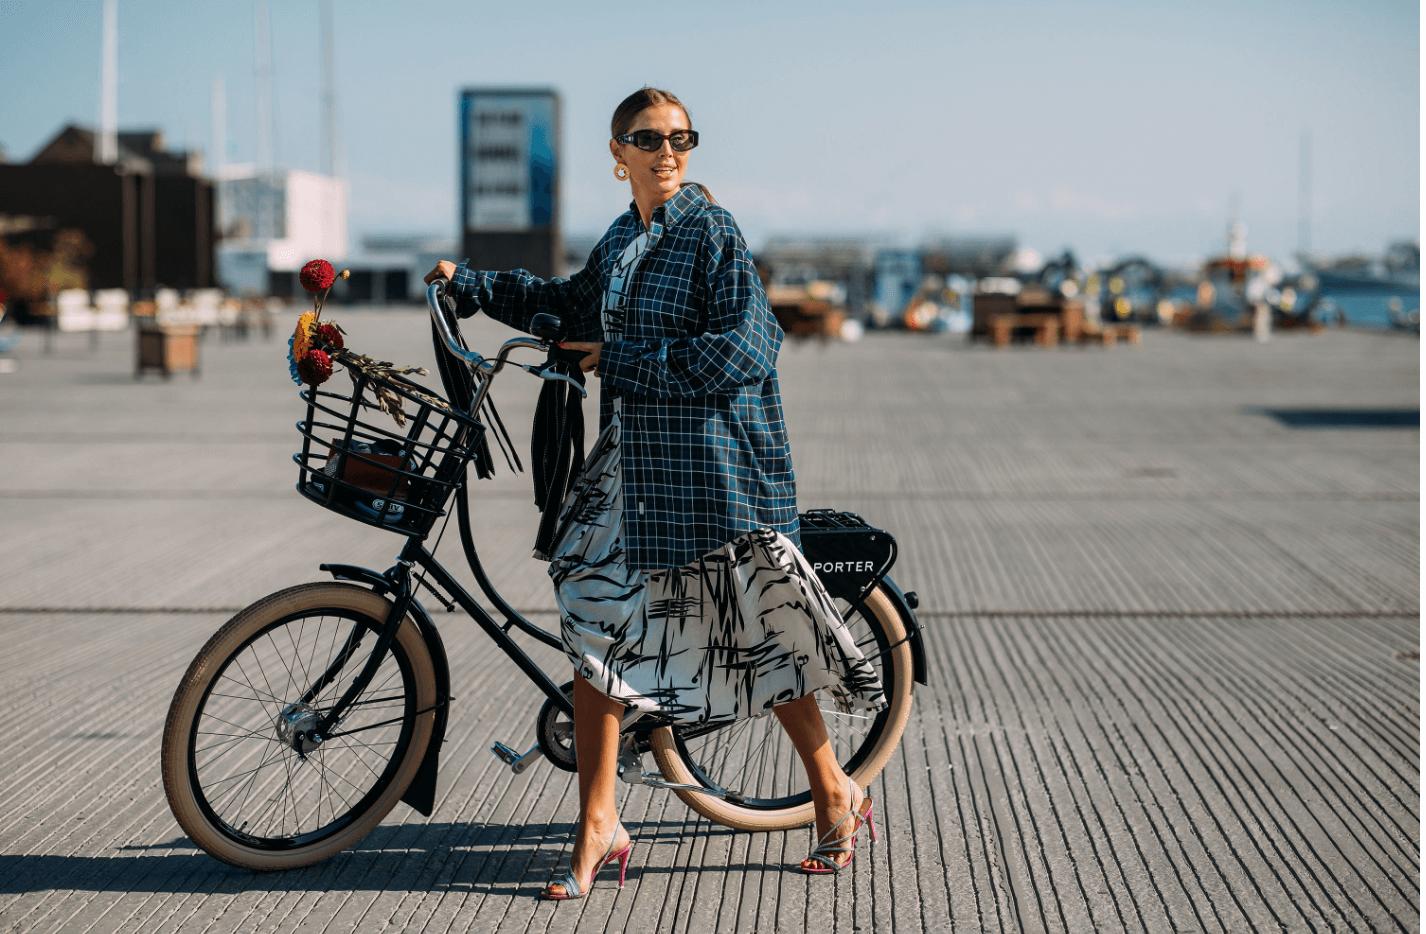 Snyggast klädda på köpenhamns modevecka